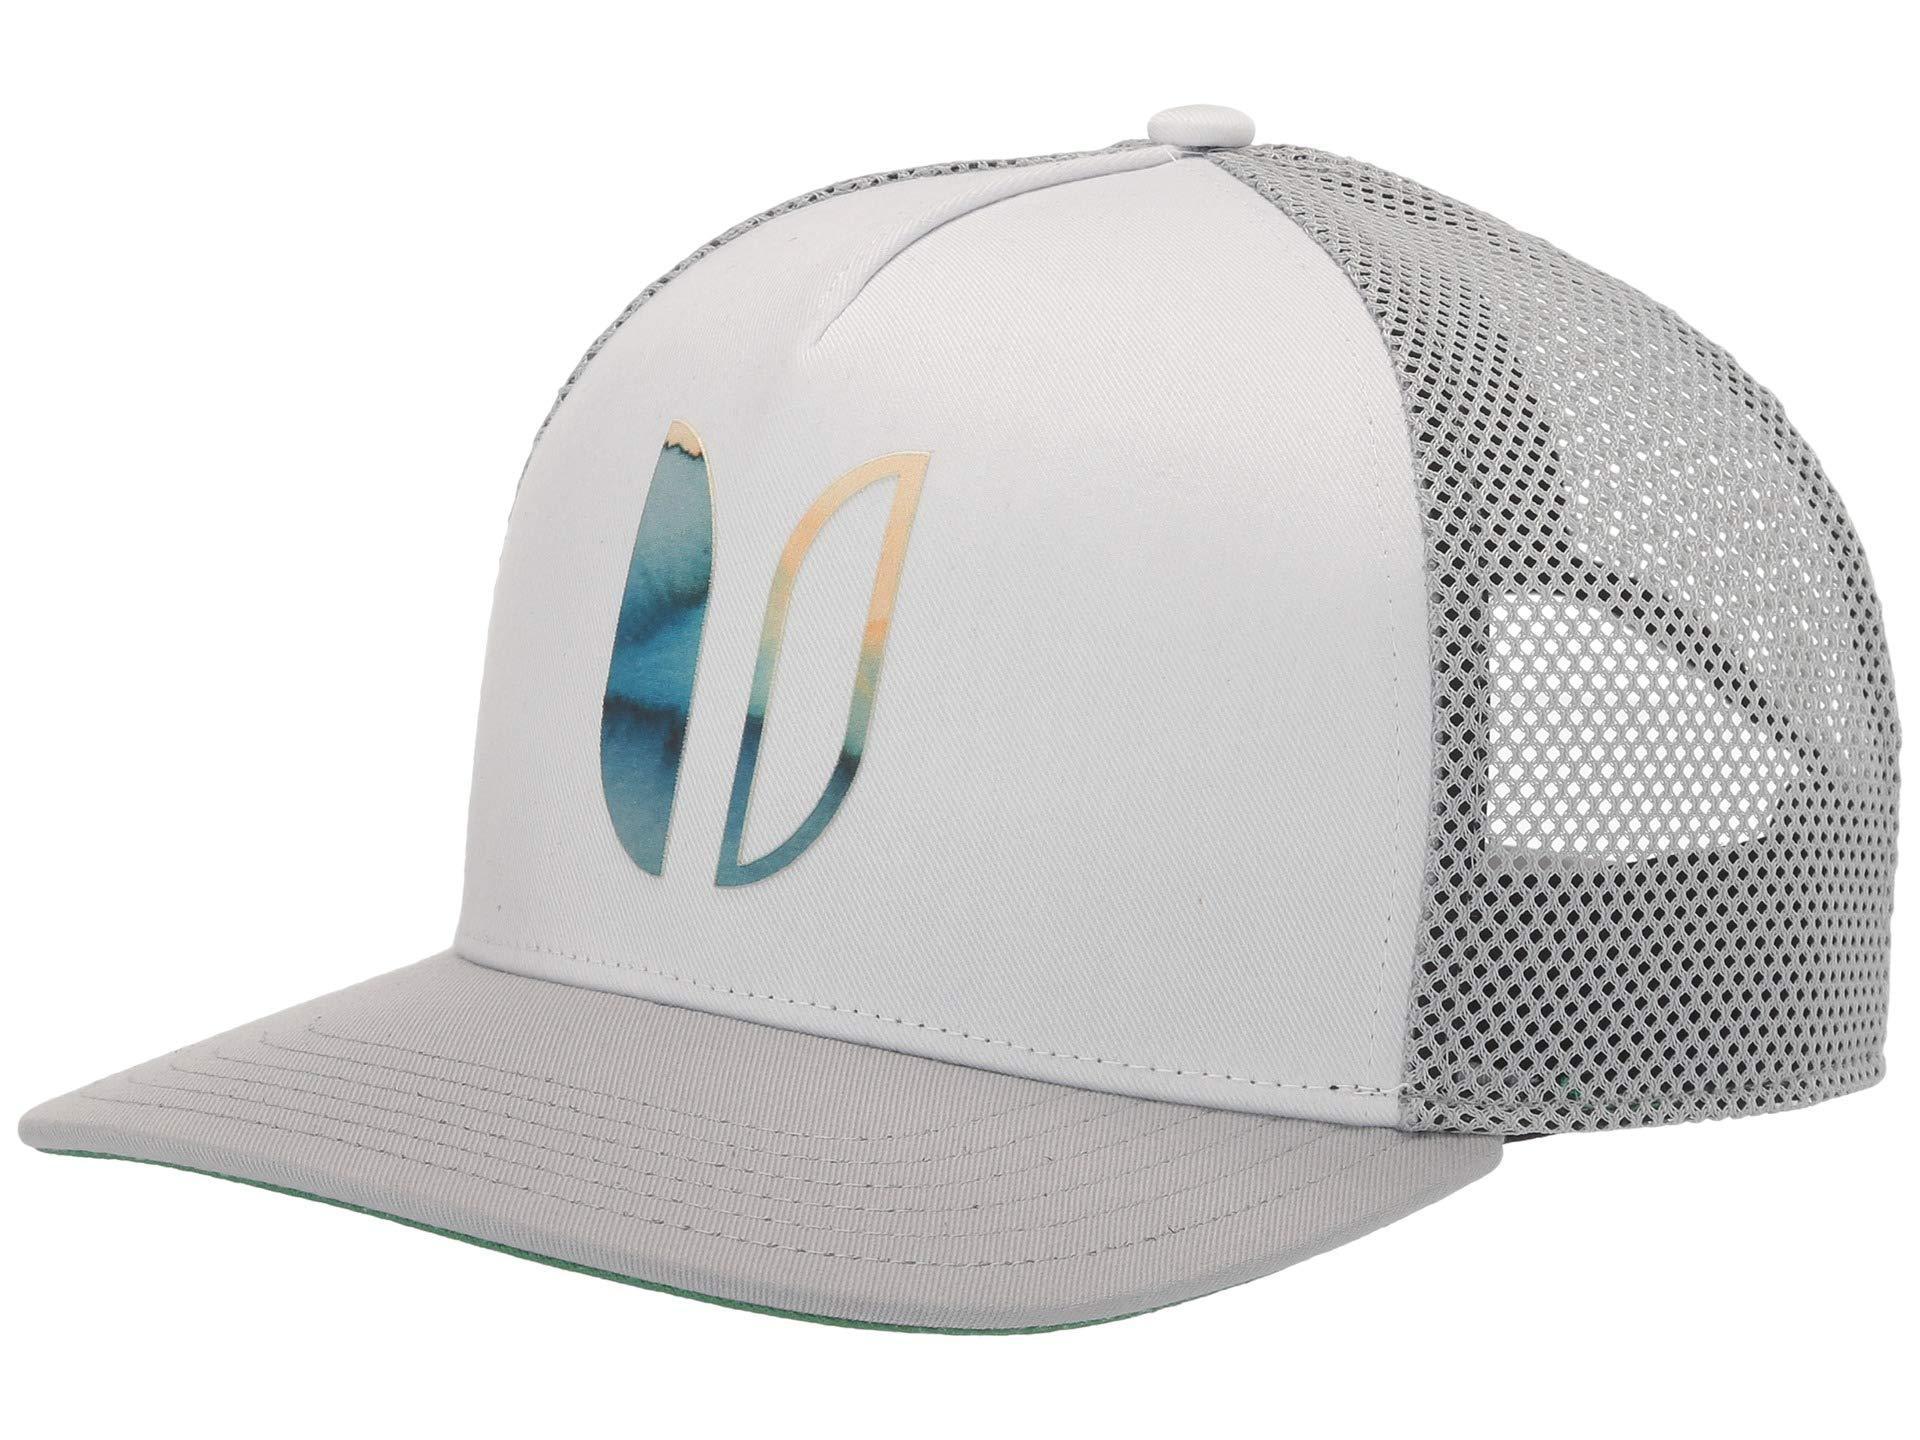 Kangol Star Links Strapback Black /& Red Perforated Back Cap Hat $40 Adjustable